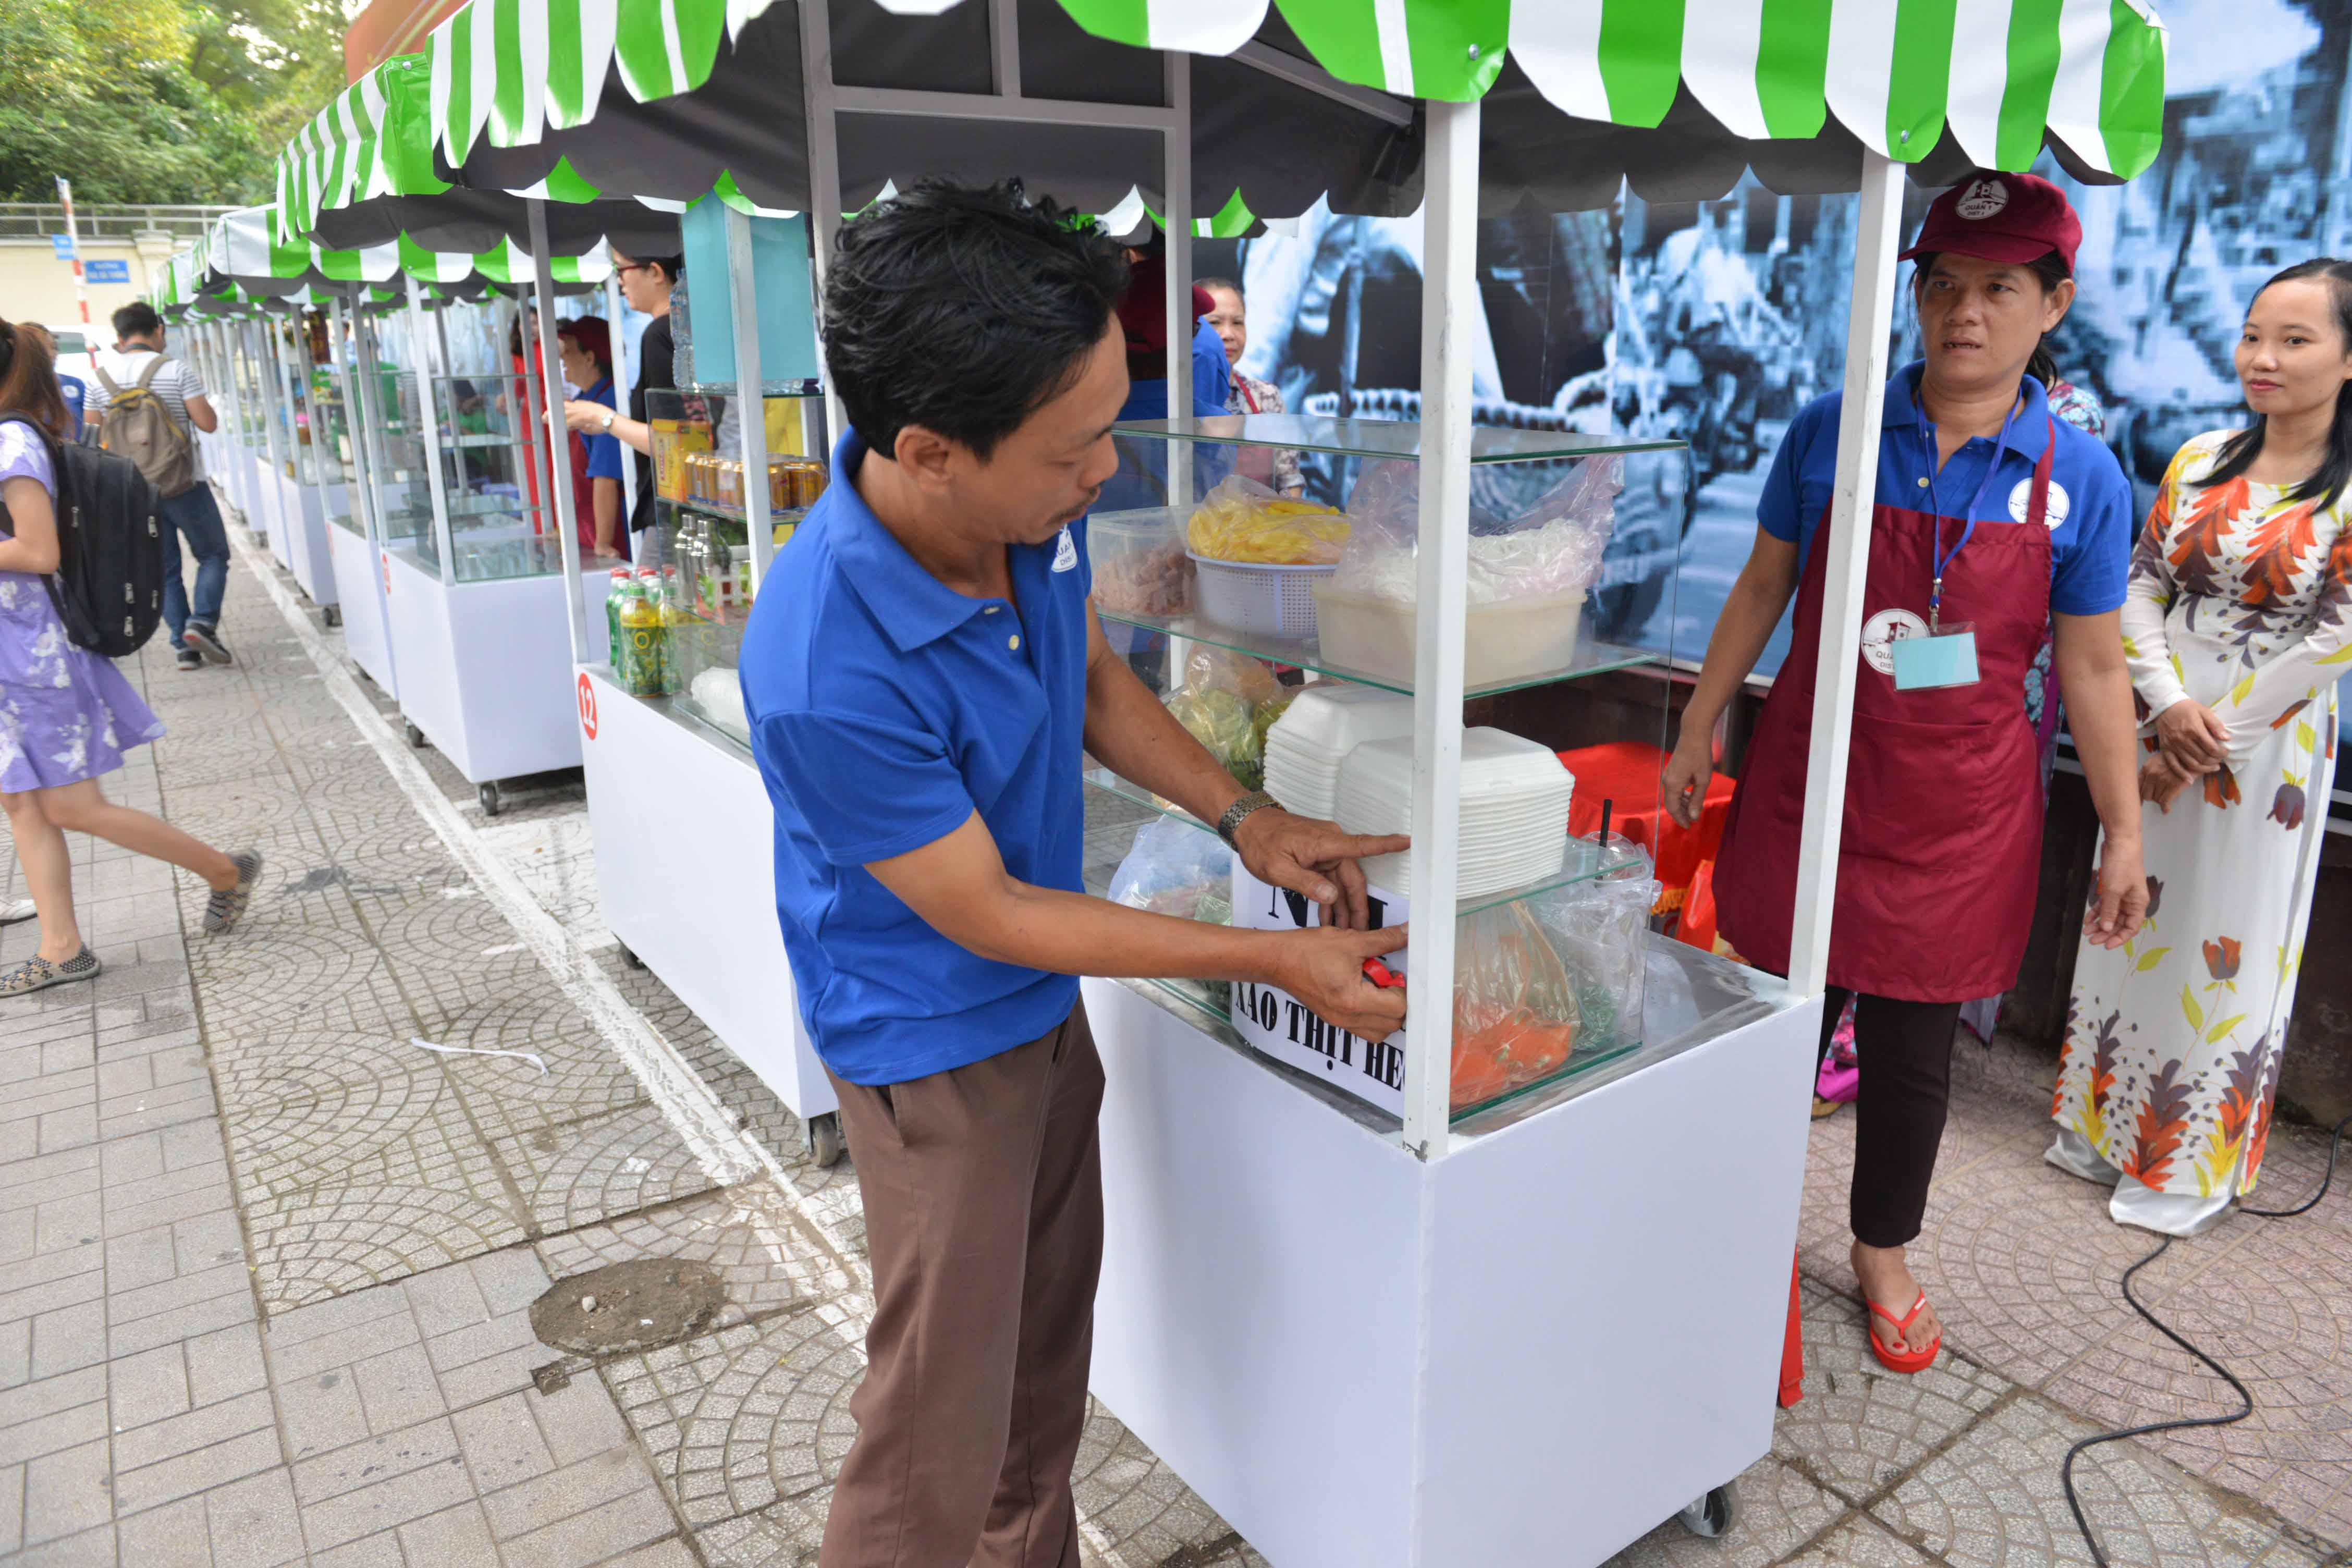 Phố ẩm thực Nguyễn Văn Chiêm khó thu hút dân Sài Gòn, tại sao?  - Ảnh 1.